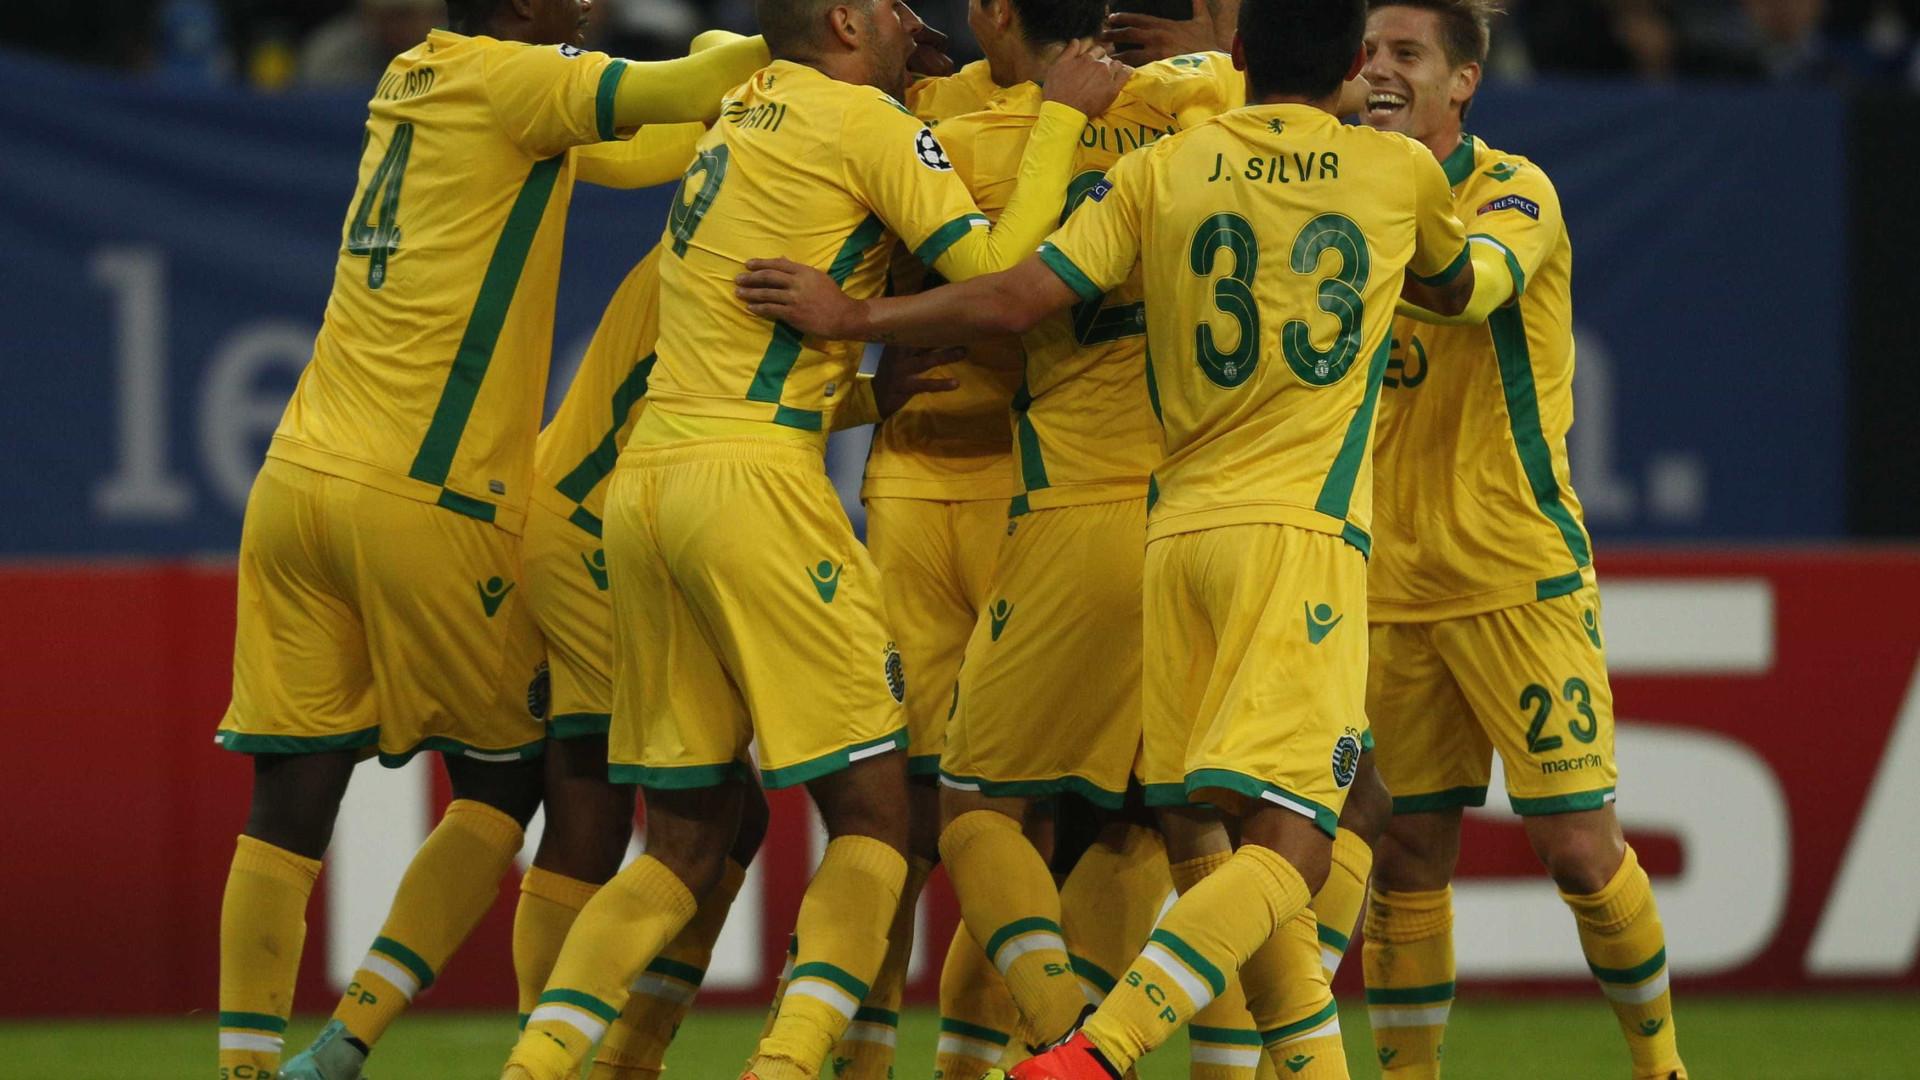 O Sporting entrou com o  pé esquerdo  na edição 2014 15 da I Liga de  futebol d2aba61143a65